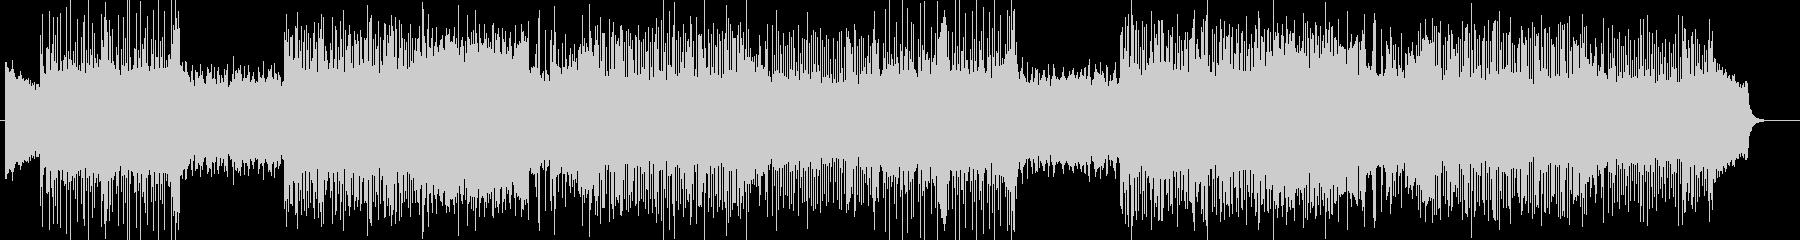 ダーク、ヘヴィメタル系の曲 BGM260の未再生の波形